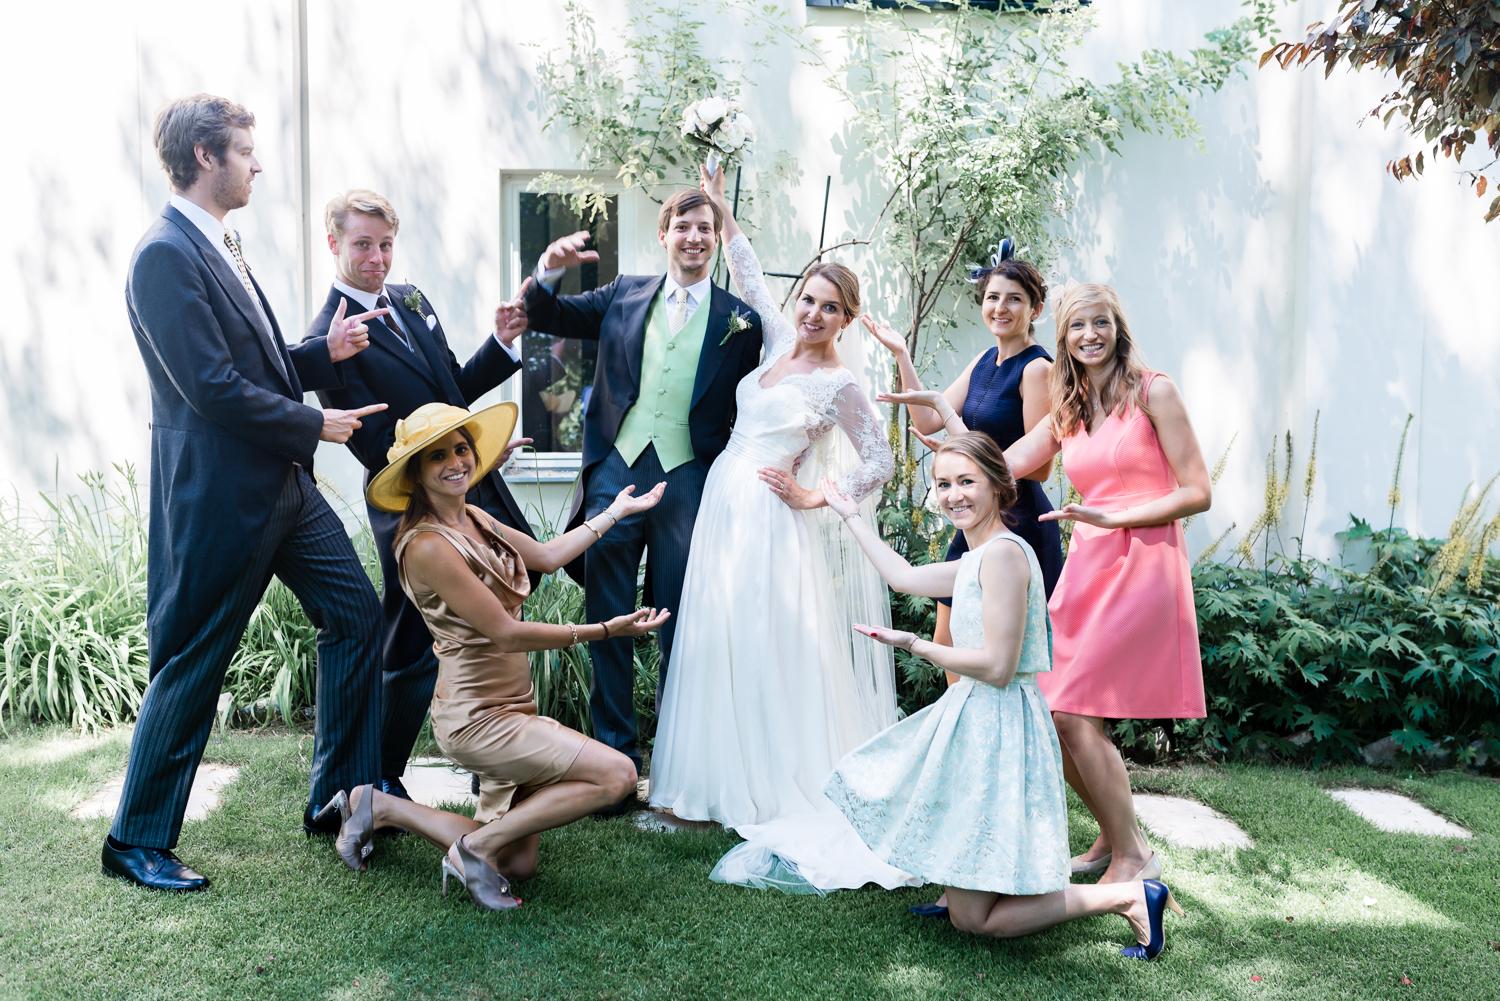 4_Gruppenfotos_Hochzeit_VeroRudi (1).jpg